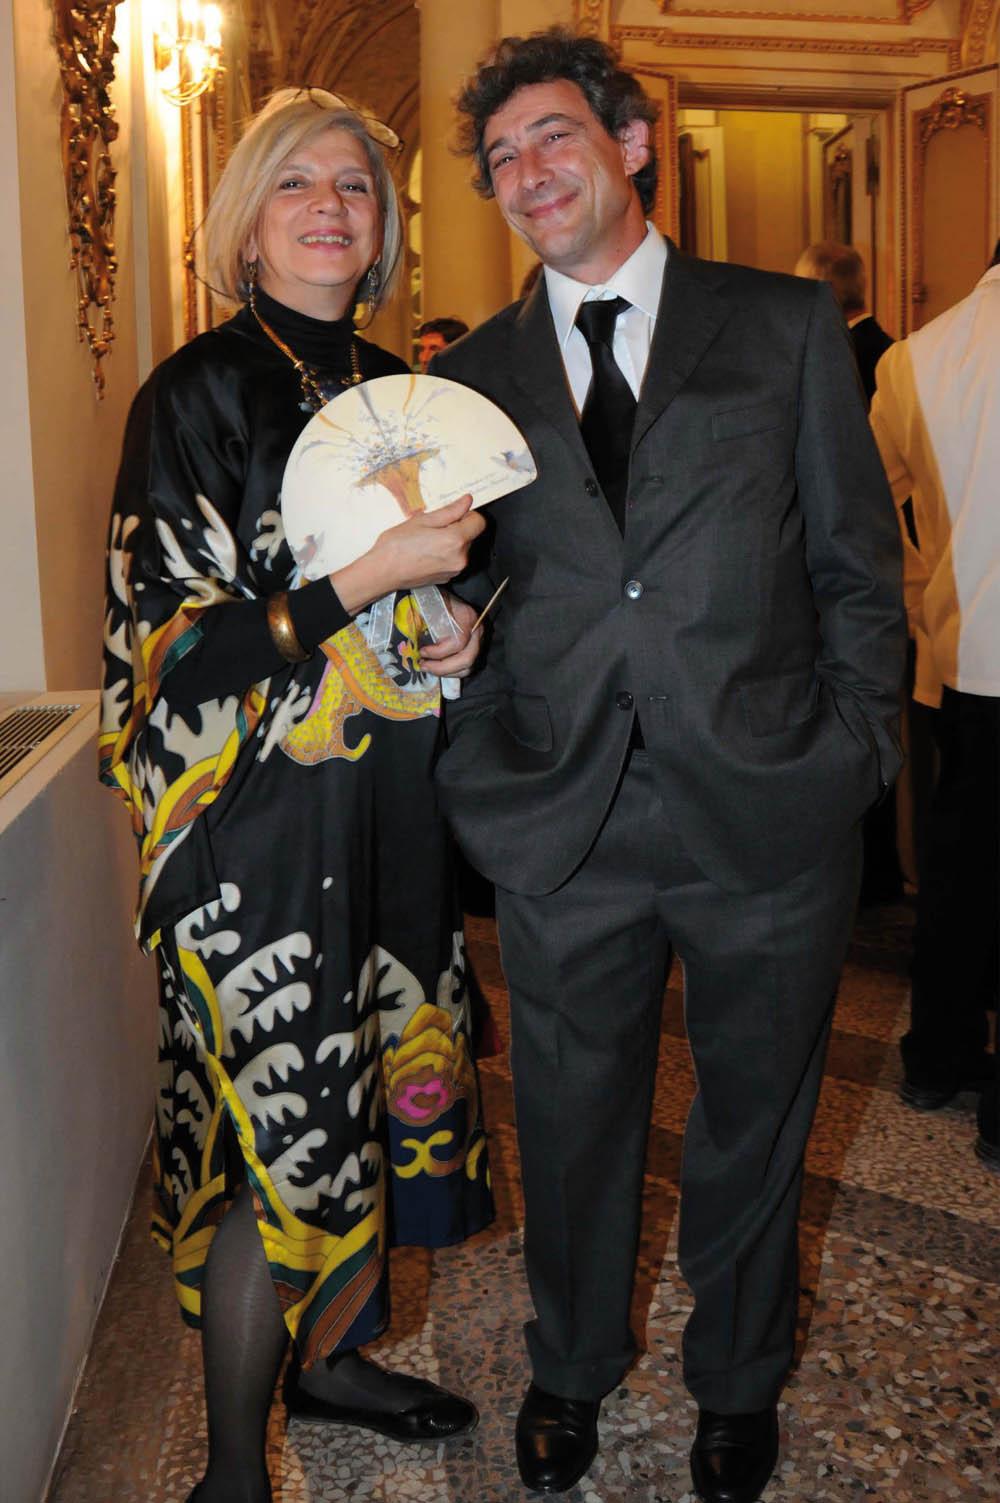 Pressphoto,Firenze Inaugurazione Polimoda - Beatrice Ciufuentes Sarmiento, Fabio Del Cioppo